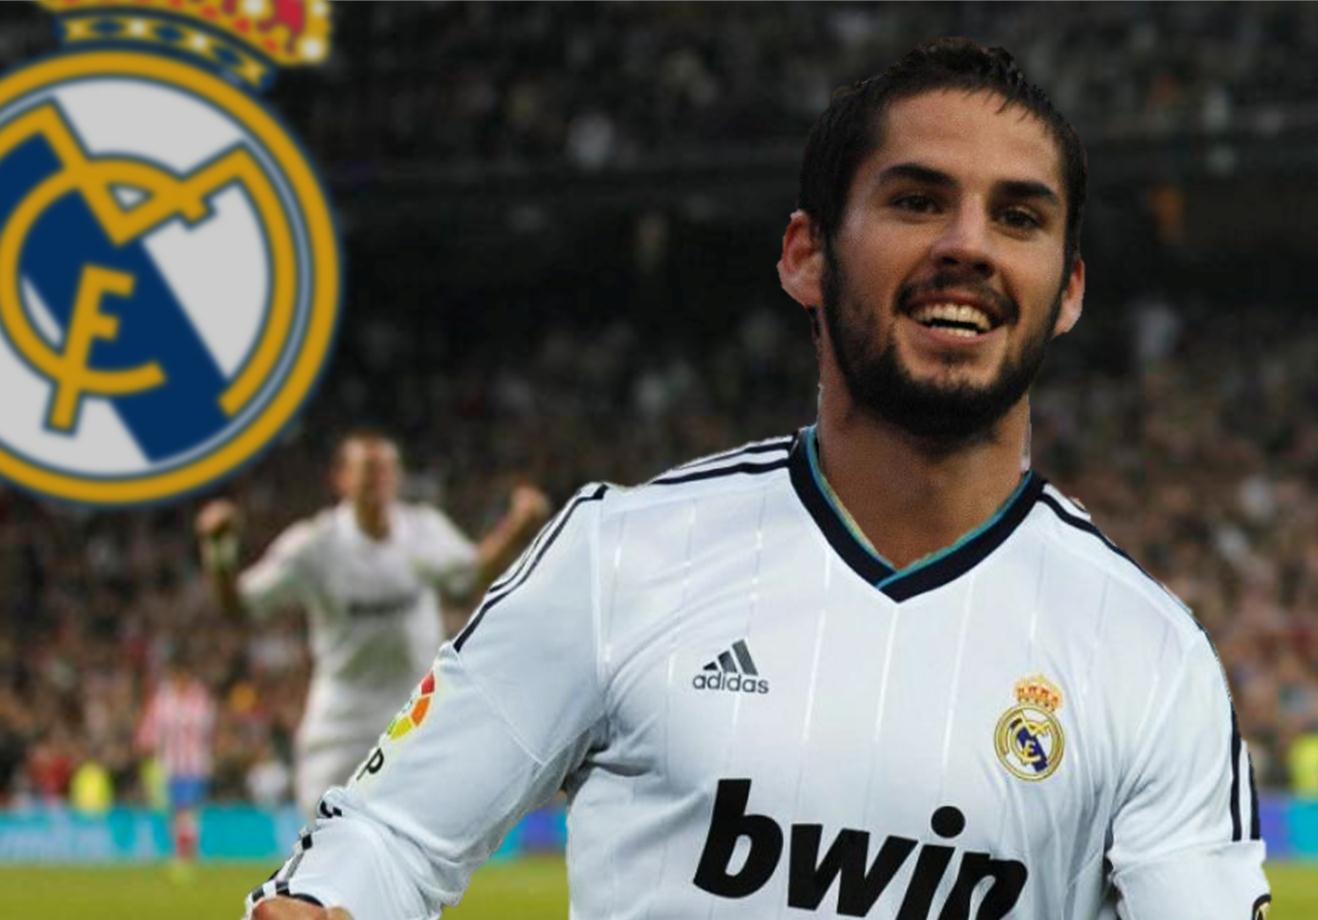 Klabu ya Real Madrid imedhibitisha kumsajili kiungo mshambuliaji Isco